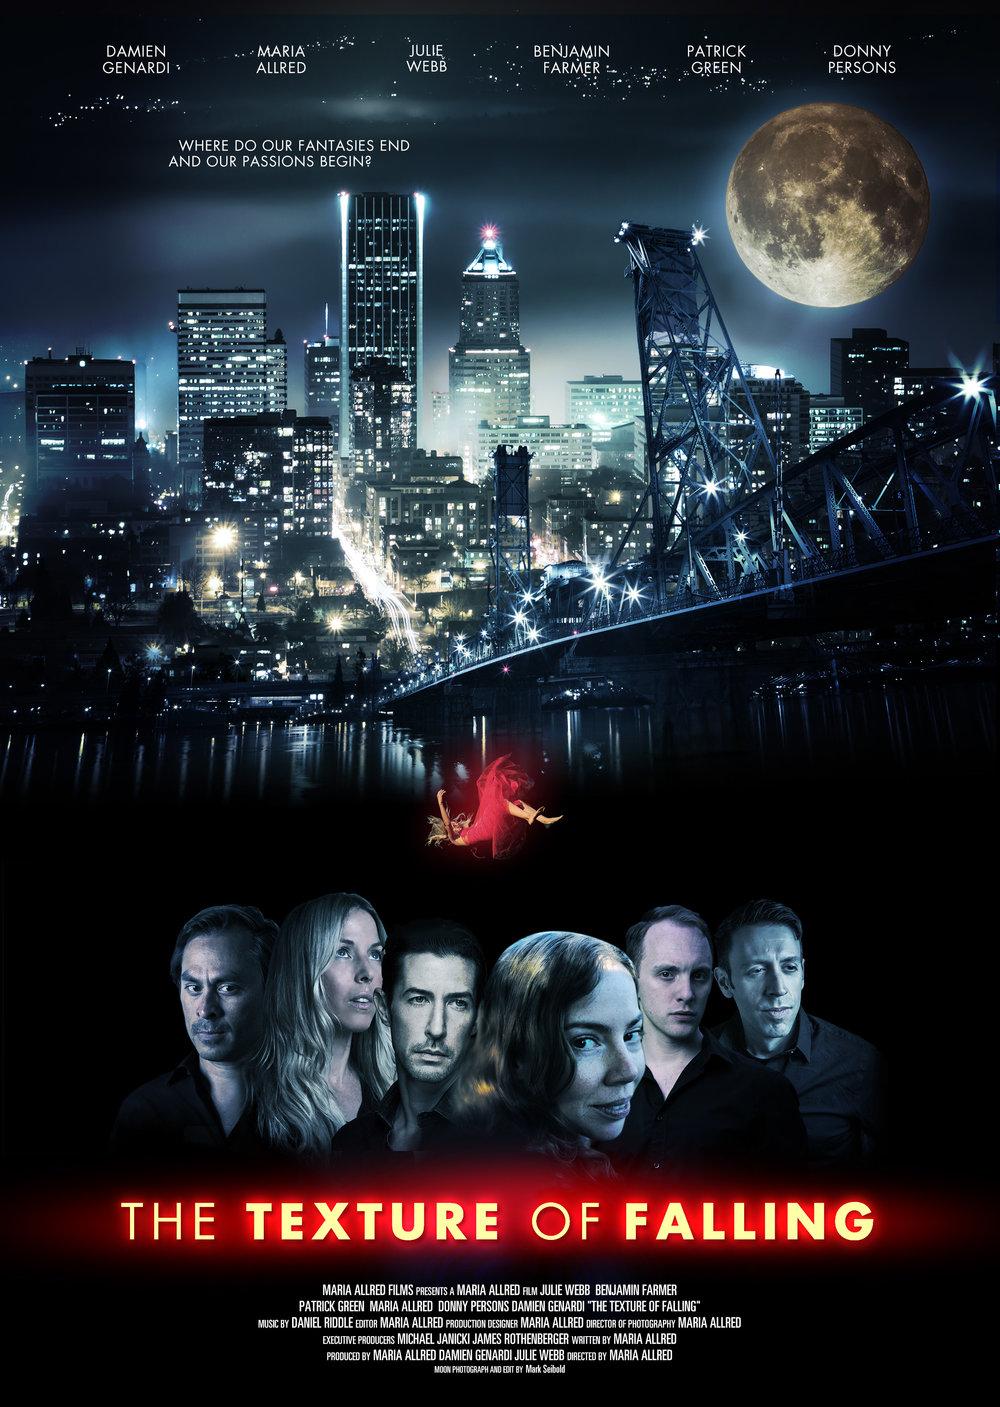 indie film poster